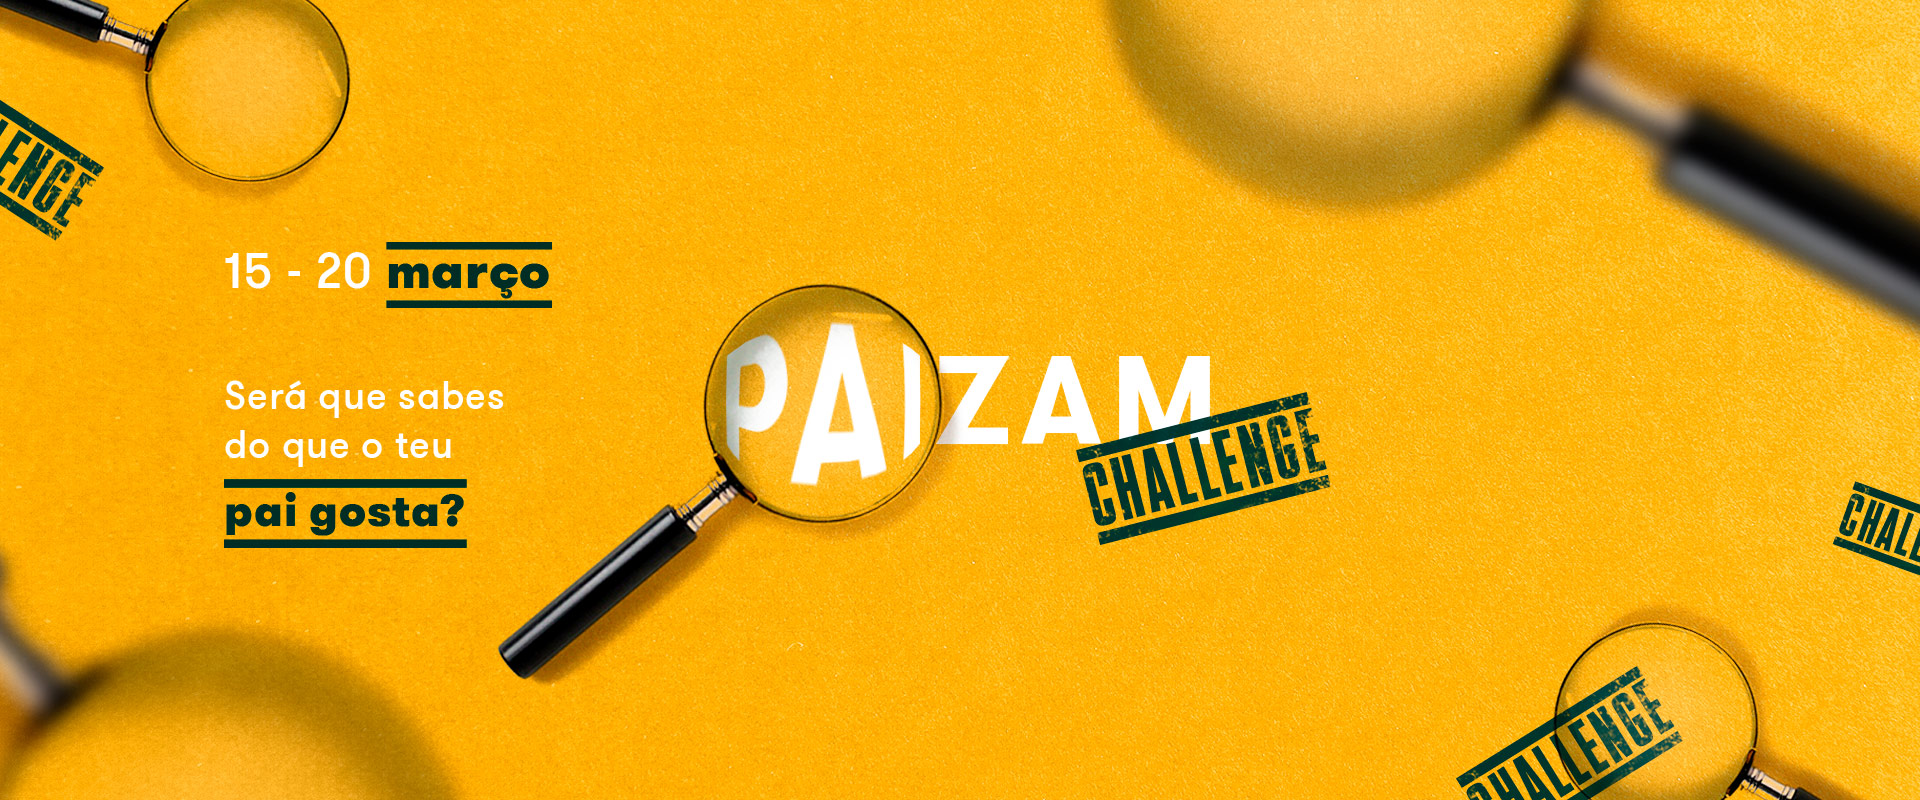 Uma imagem ao centro com Paizam challenge, agora imagine-se a participar.